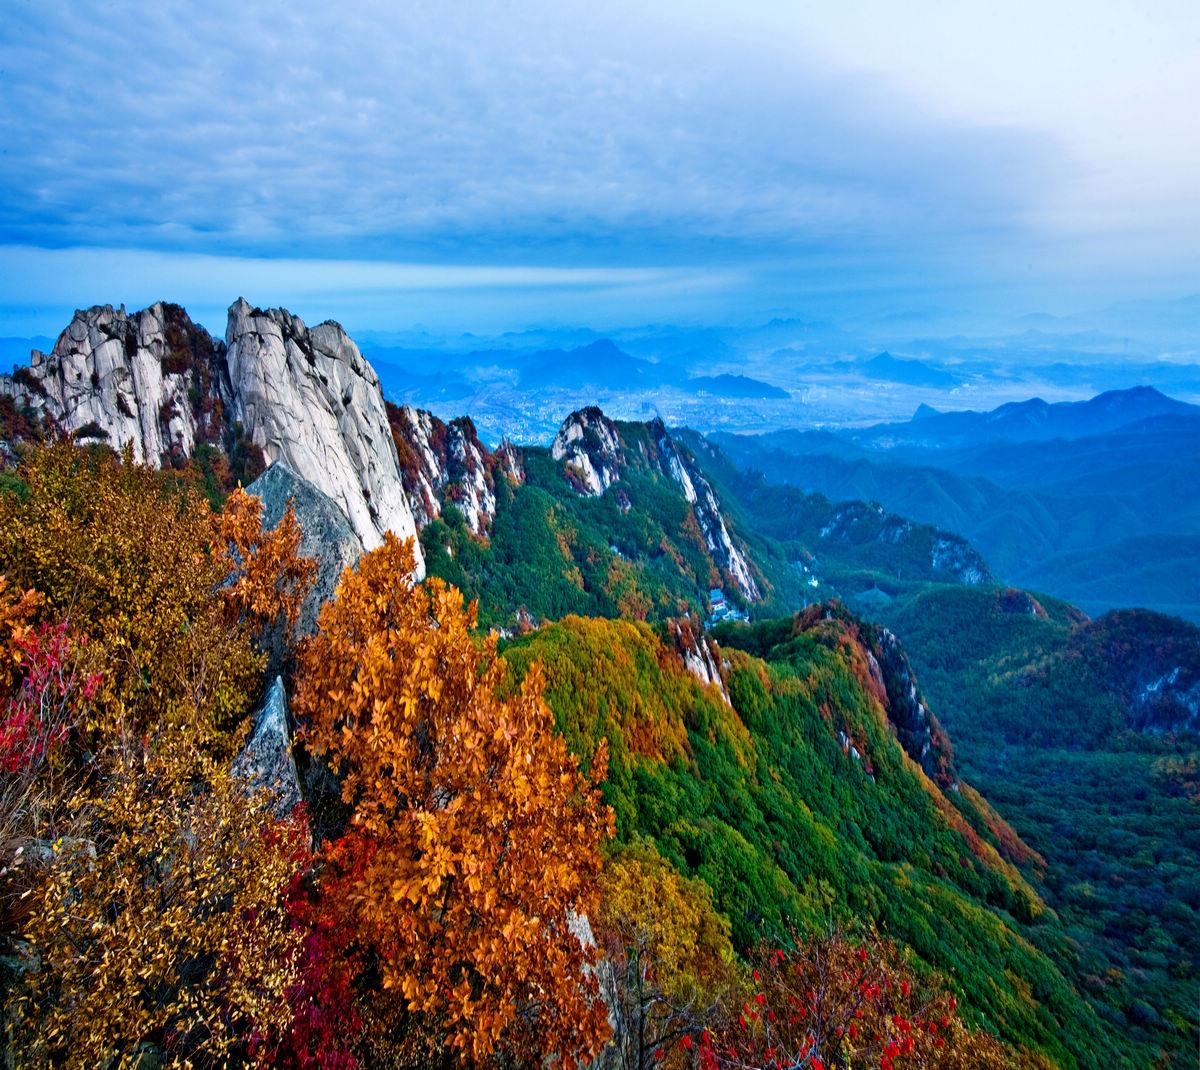 桃源仙谷自然風景區需要爬山嗎?(有老人)謝謝了